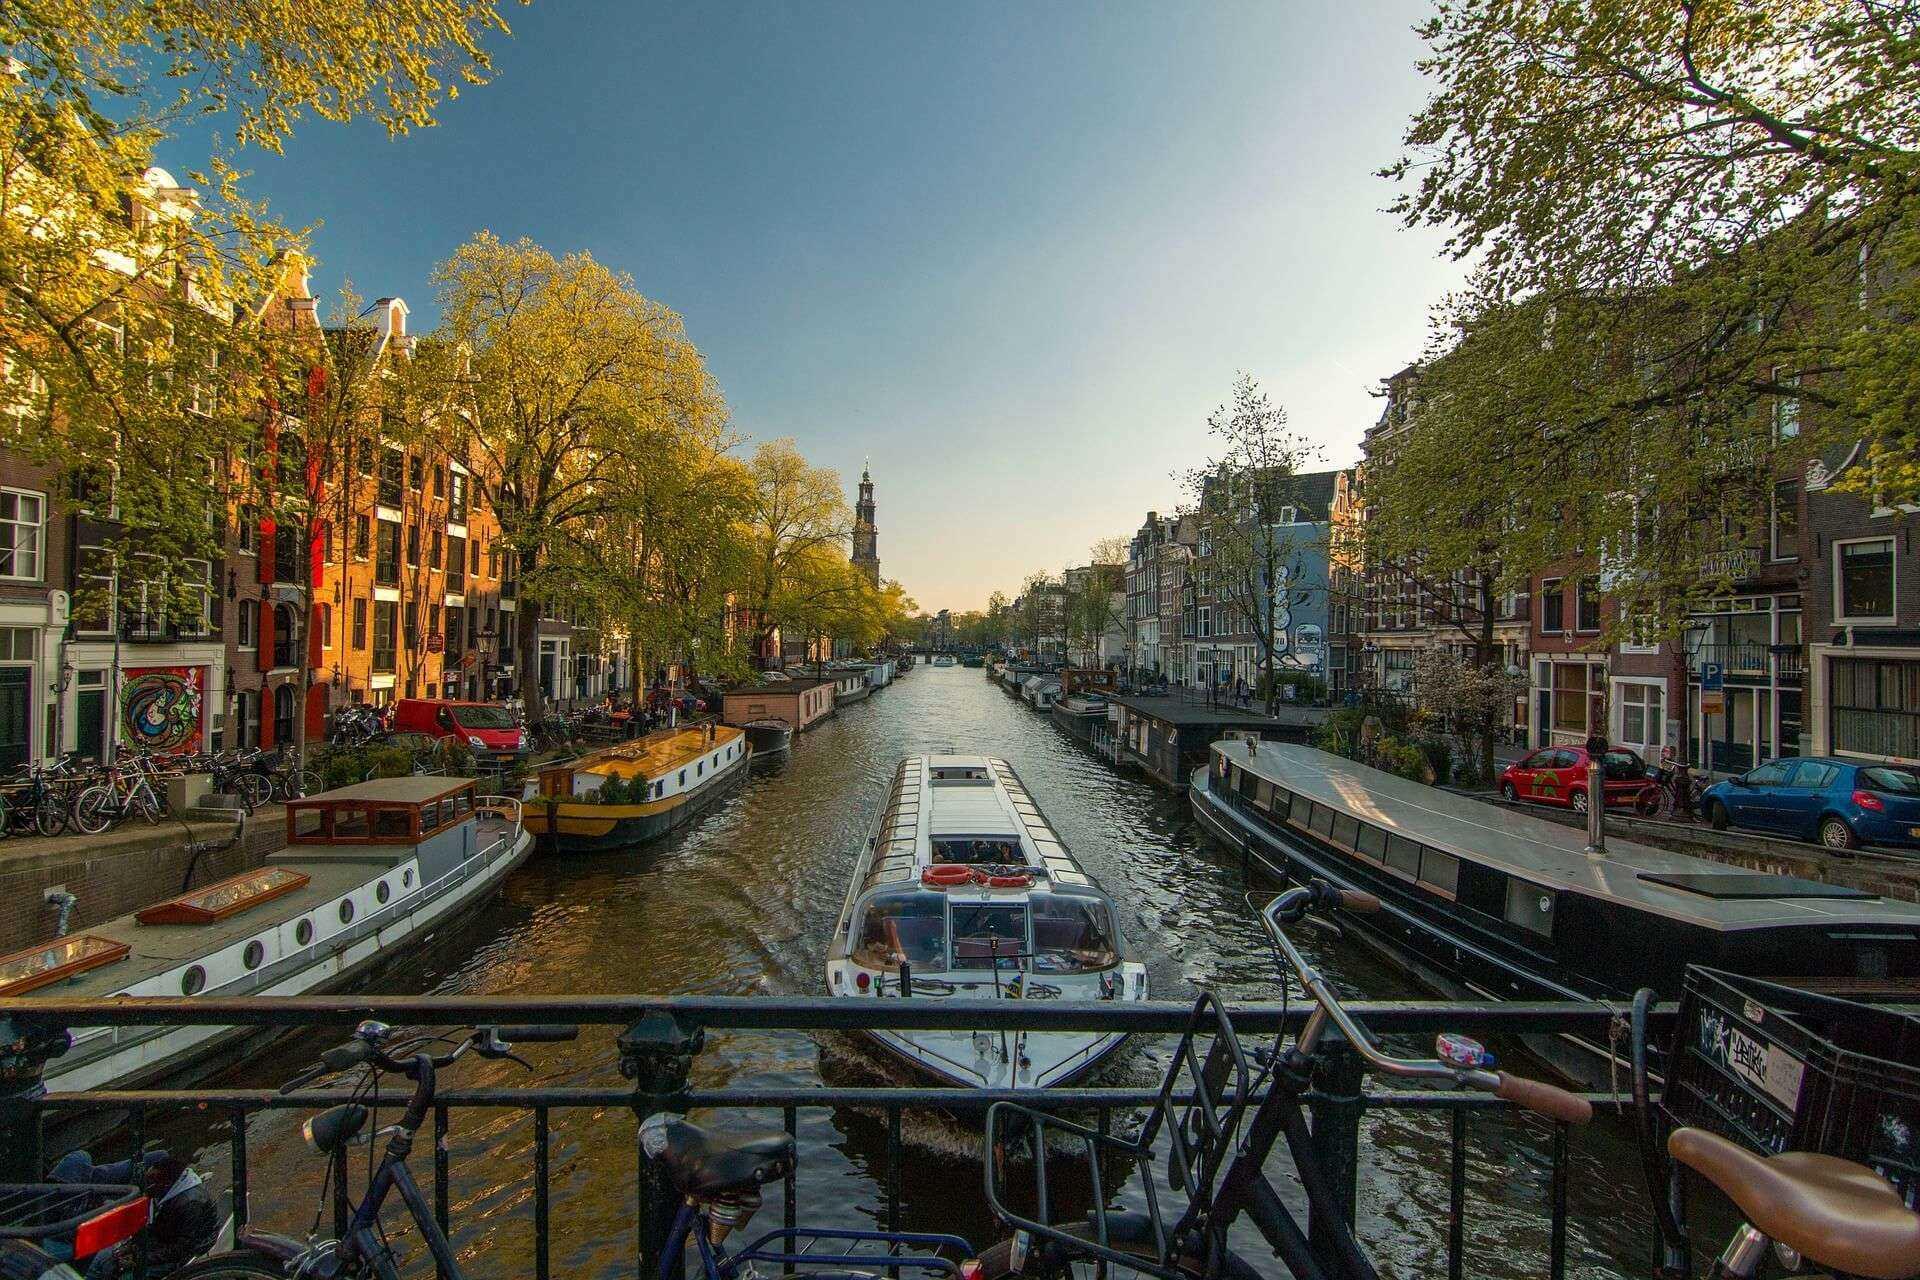 Direktflüge und Billigflüge in die Niederlande